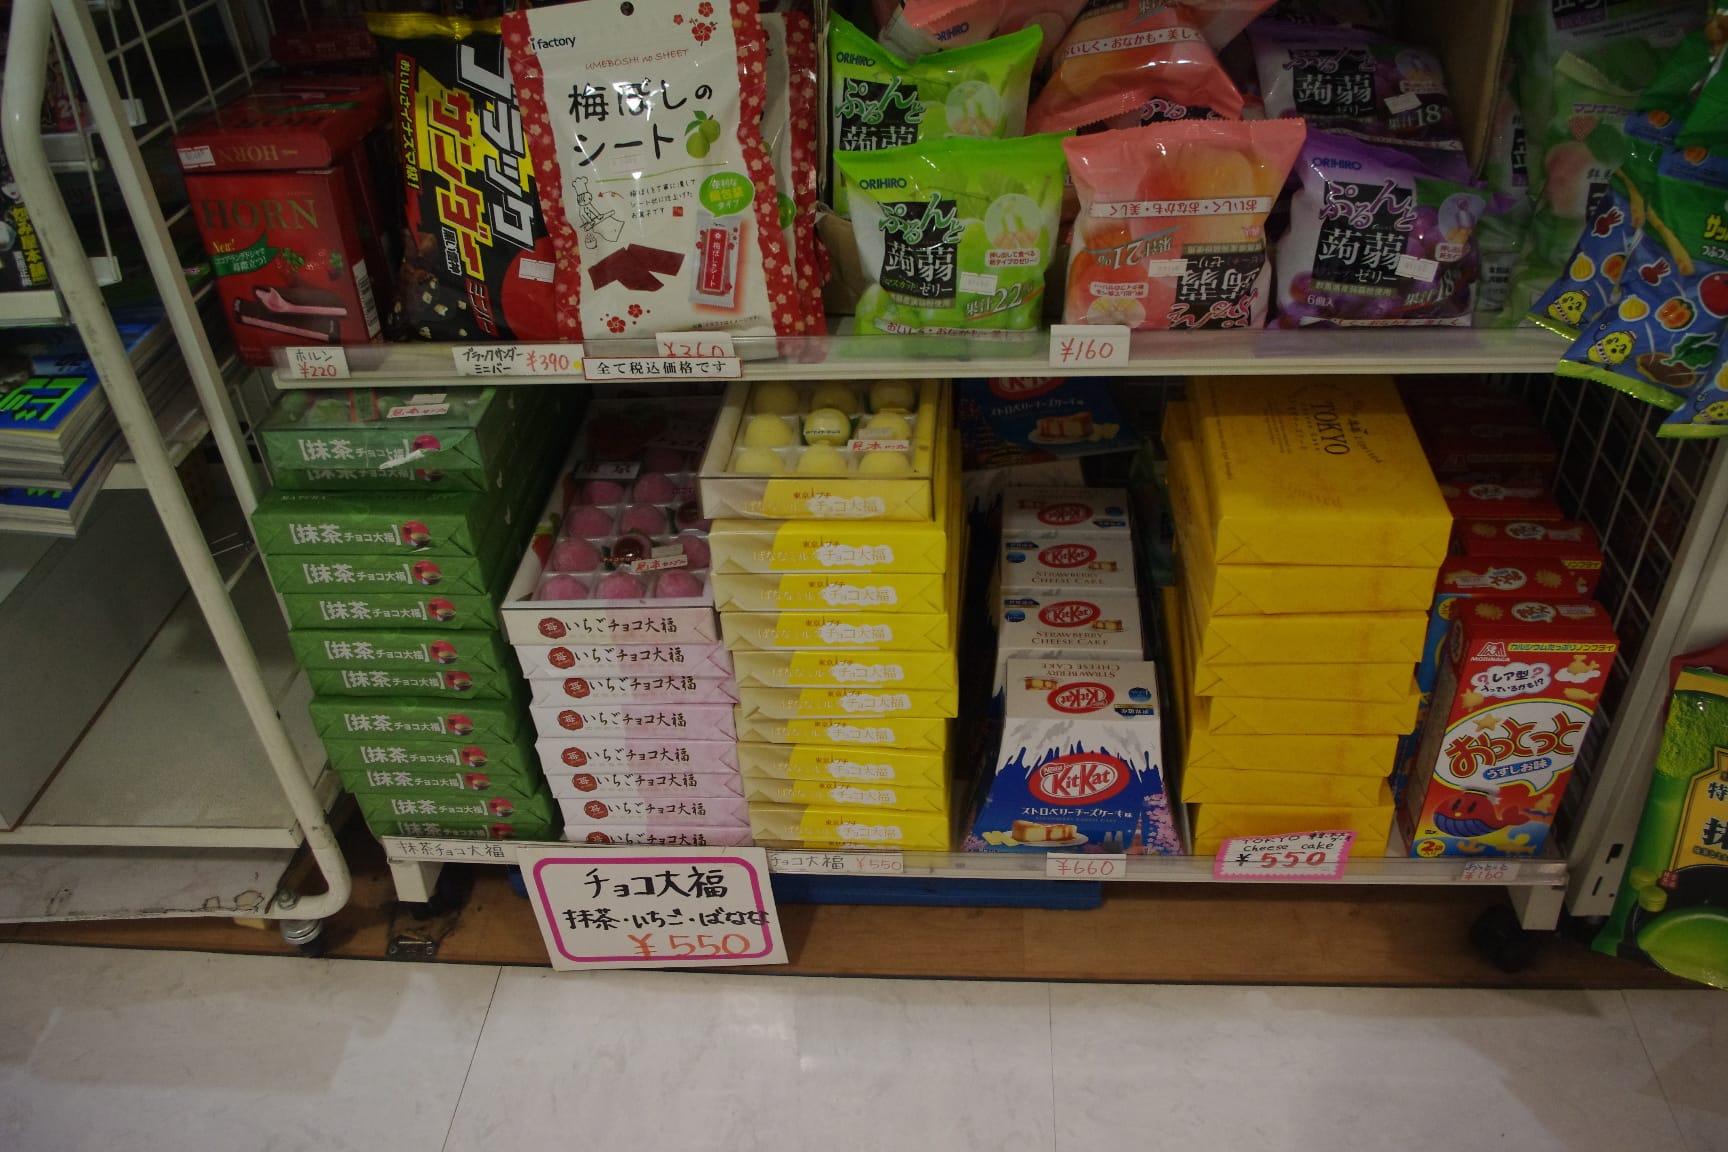 キットカット(ストロベリーチーズケーキ・富士山パッケージ) / HOT HEART(ホットハート)(第2ターミナル2階)